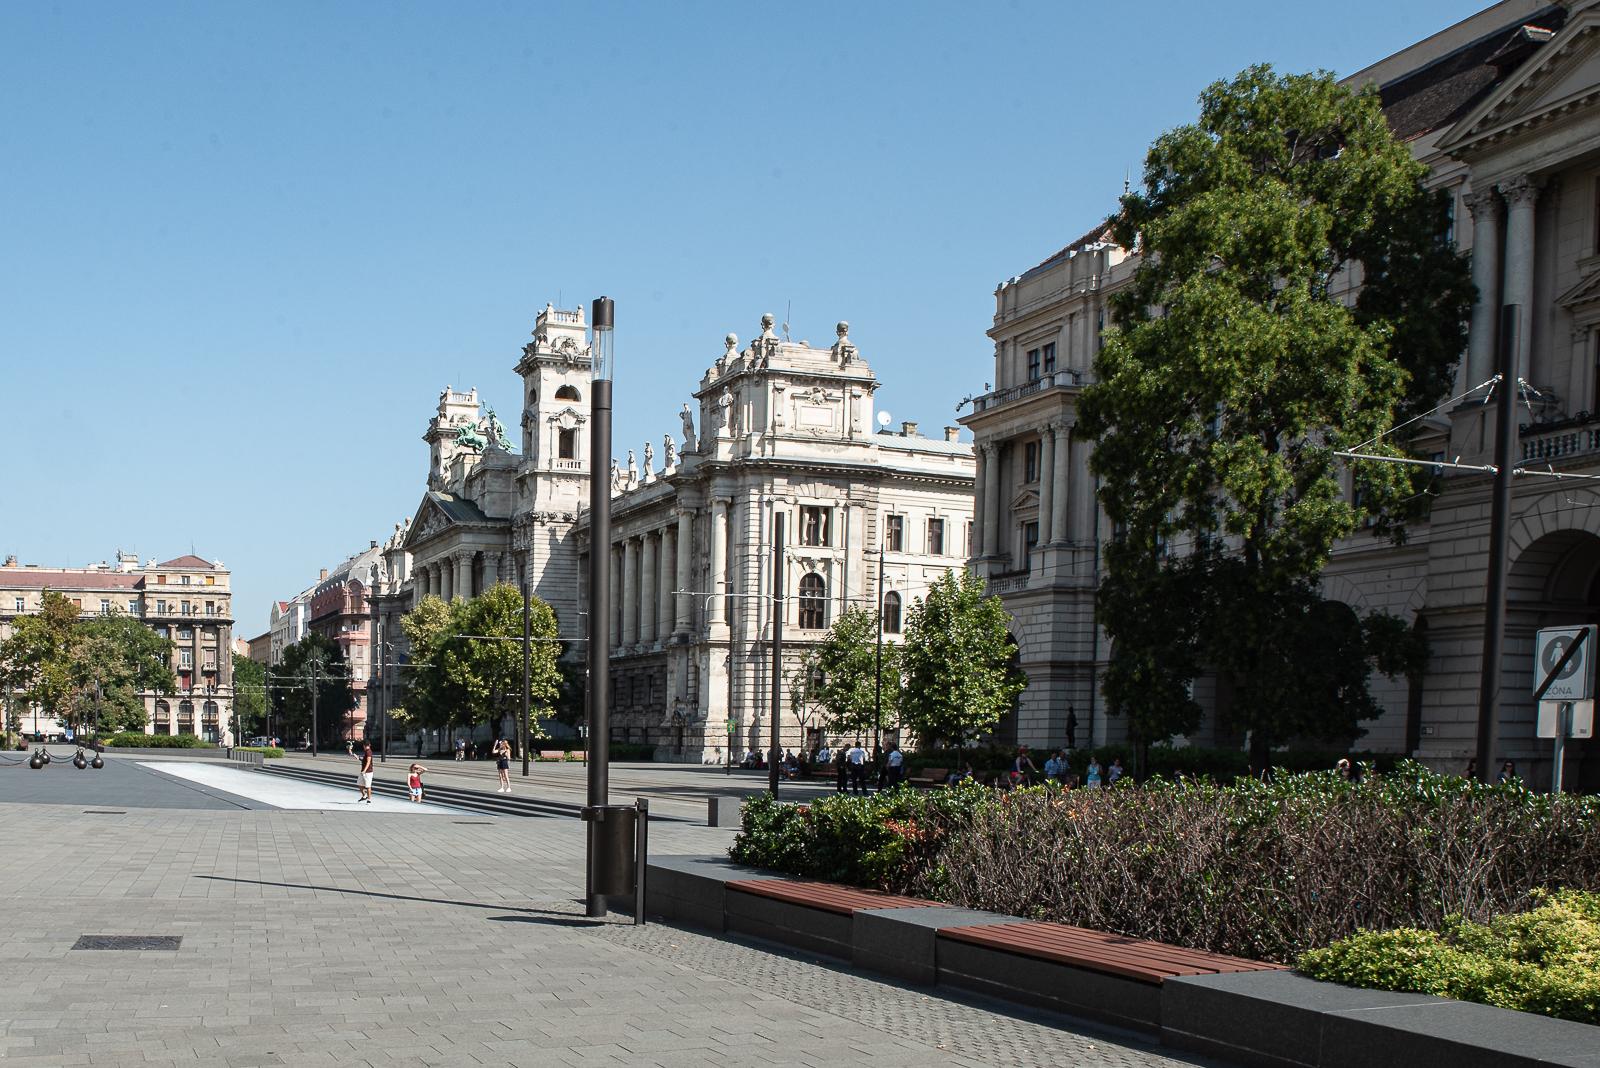 20200830_MW_DSC_5222_Ungarn